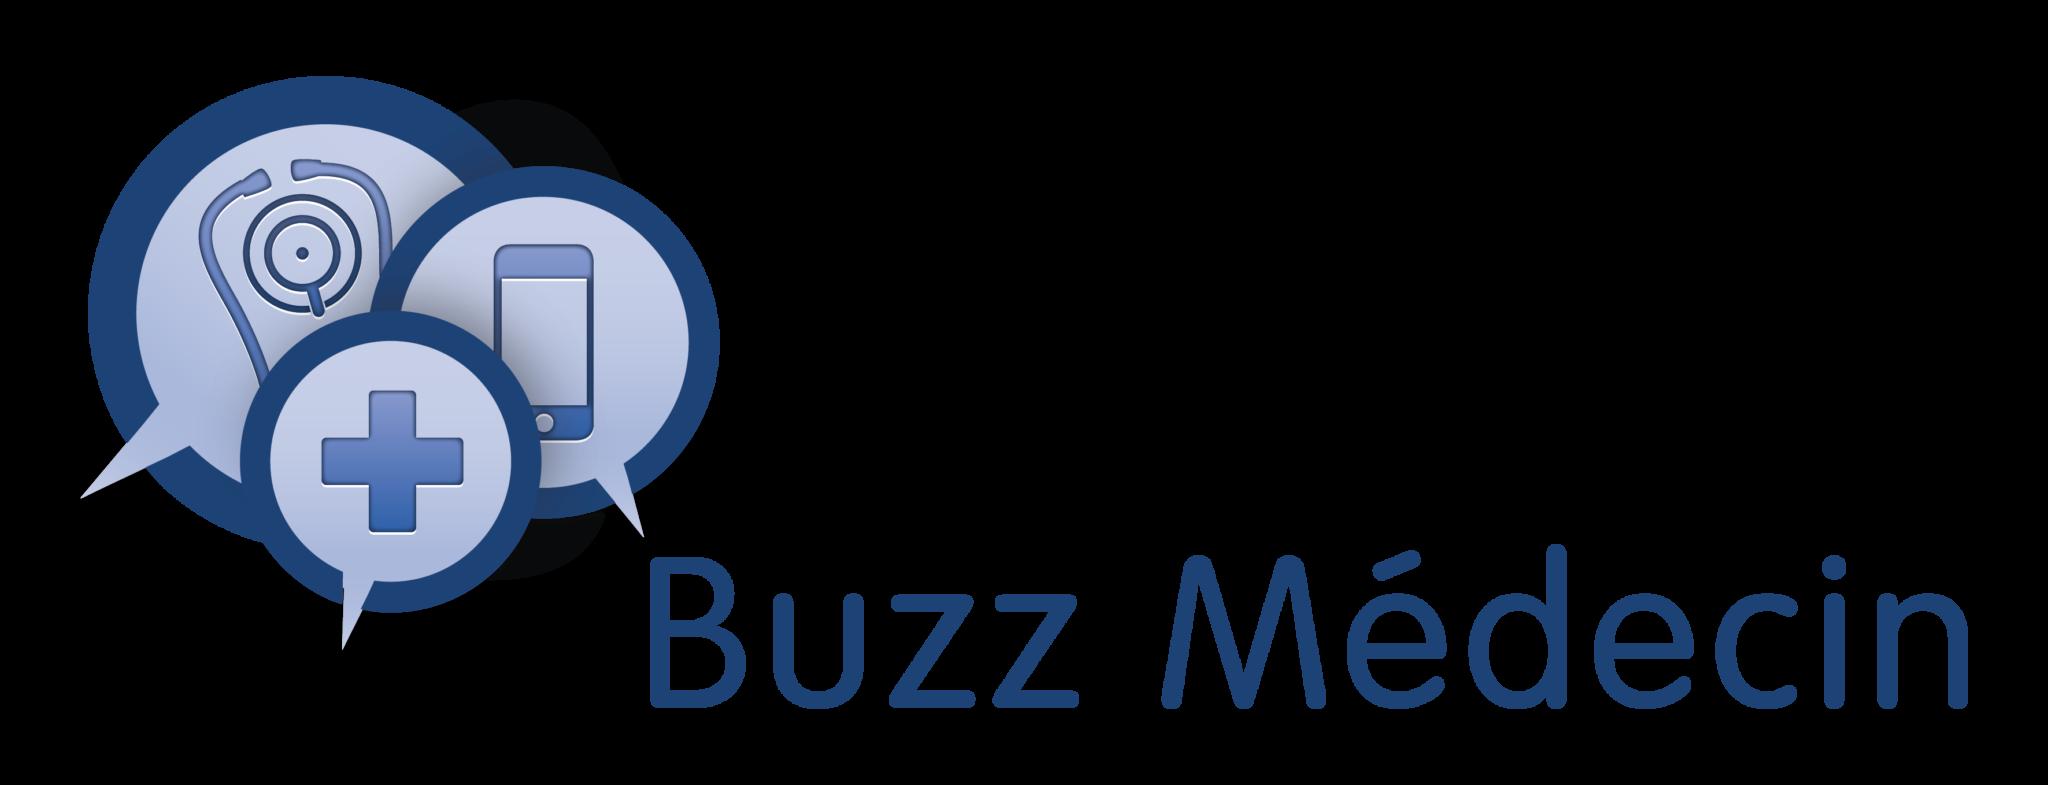 Partenaire Buzz médecin partenaire de SANTEXPO